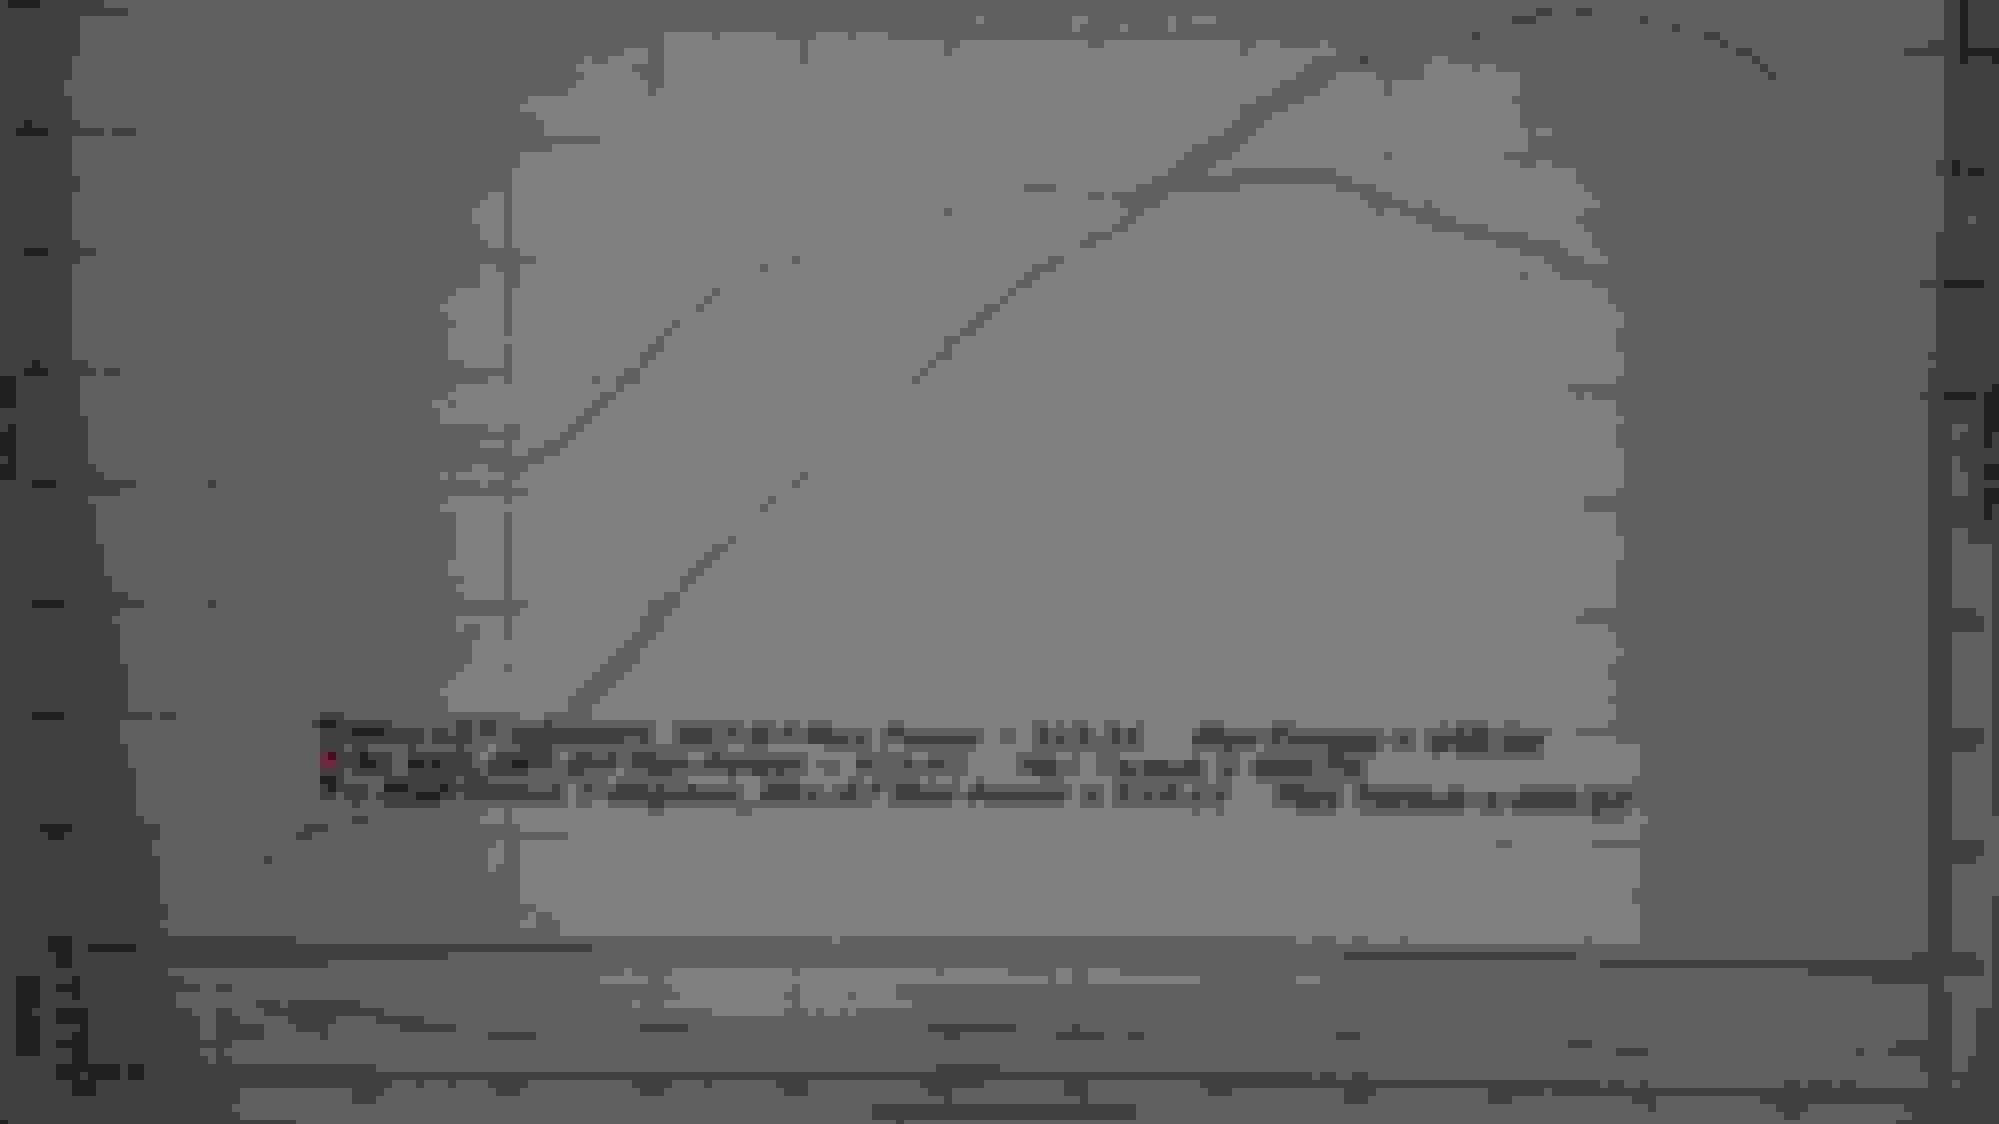 LS1 1985 Pontiac Fiero build    have ?'s  - Page 3 - LS1TECH